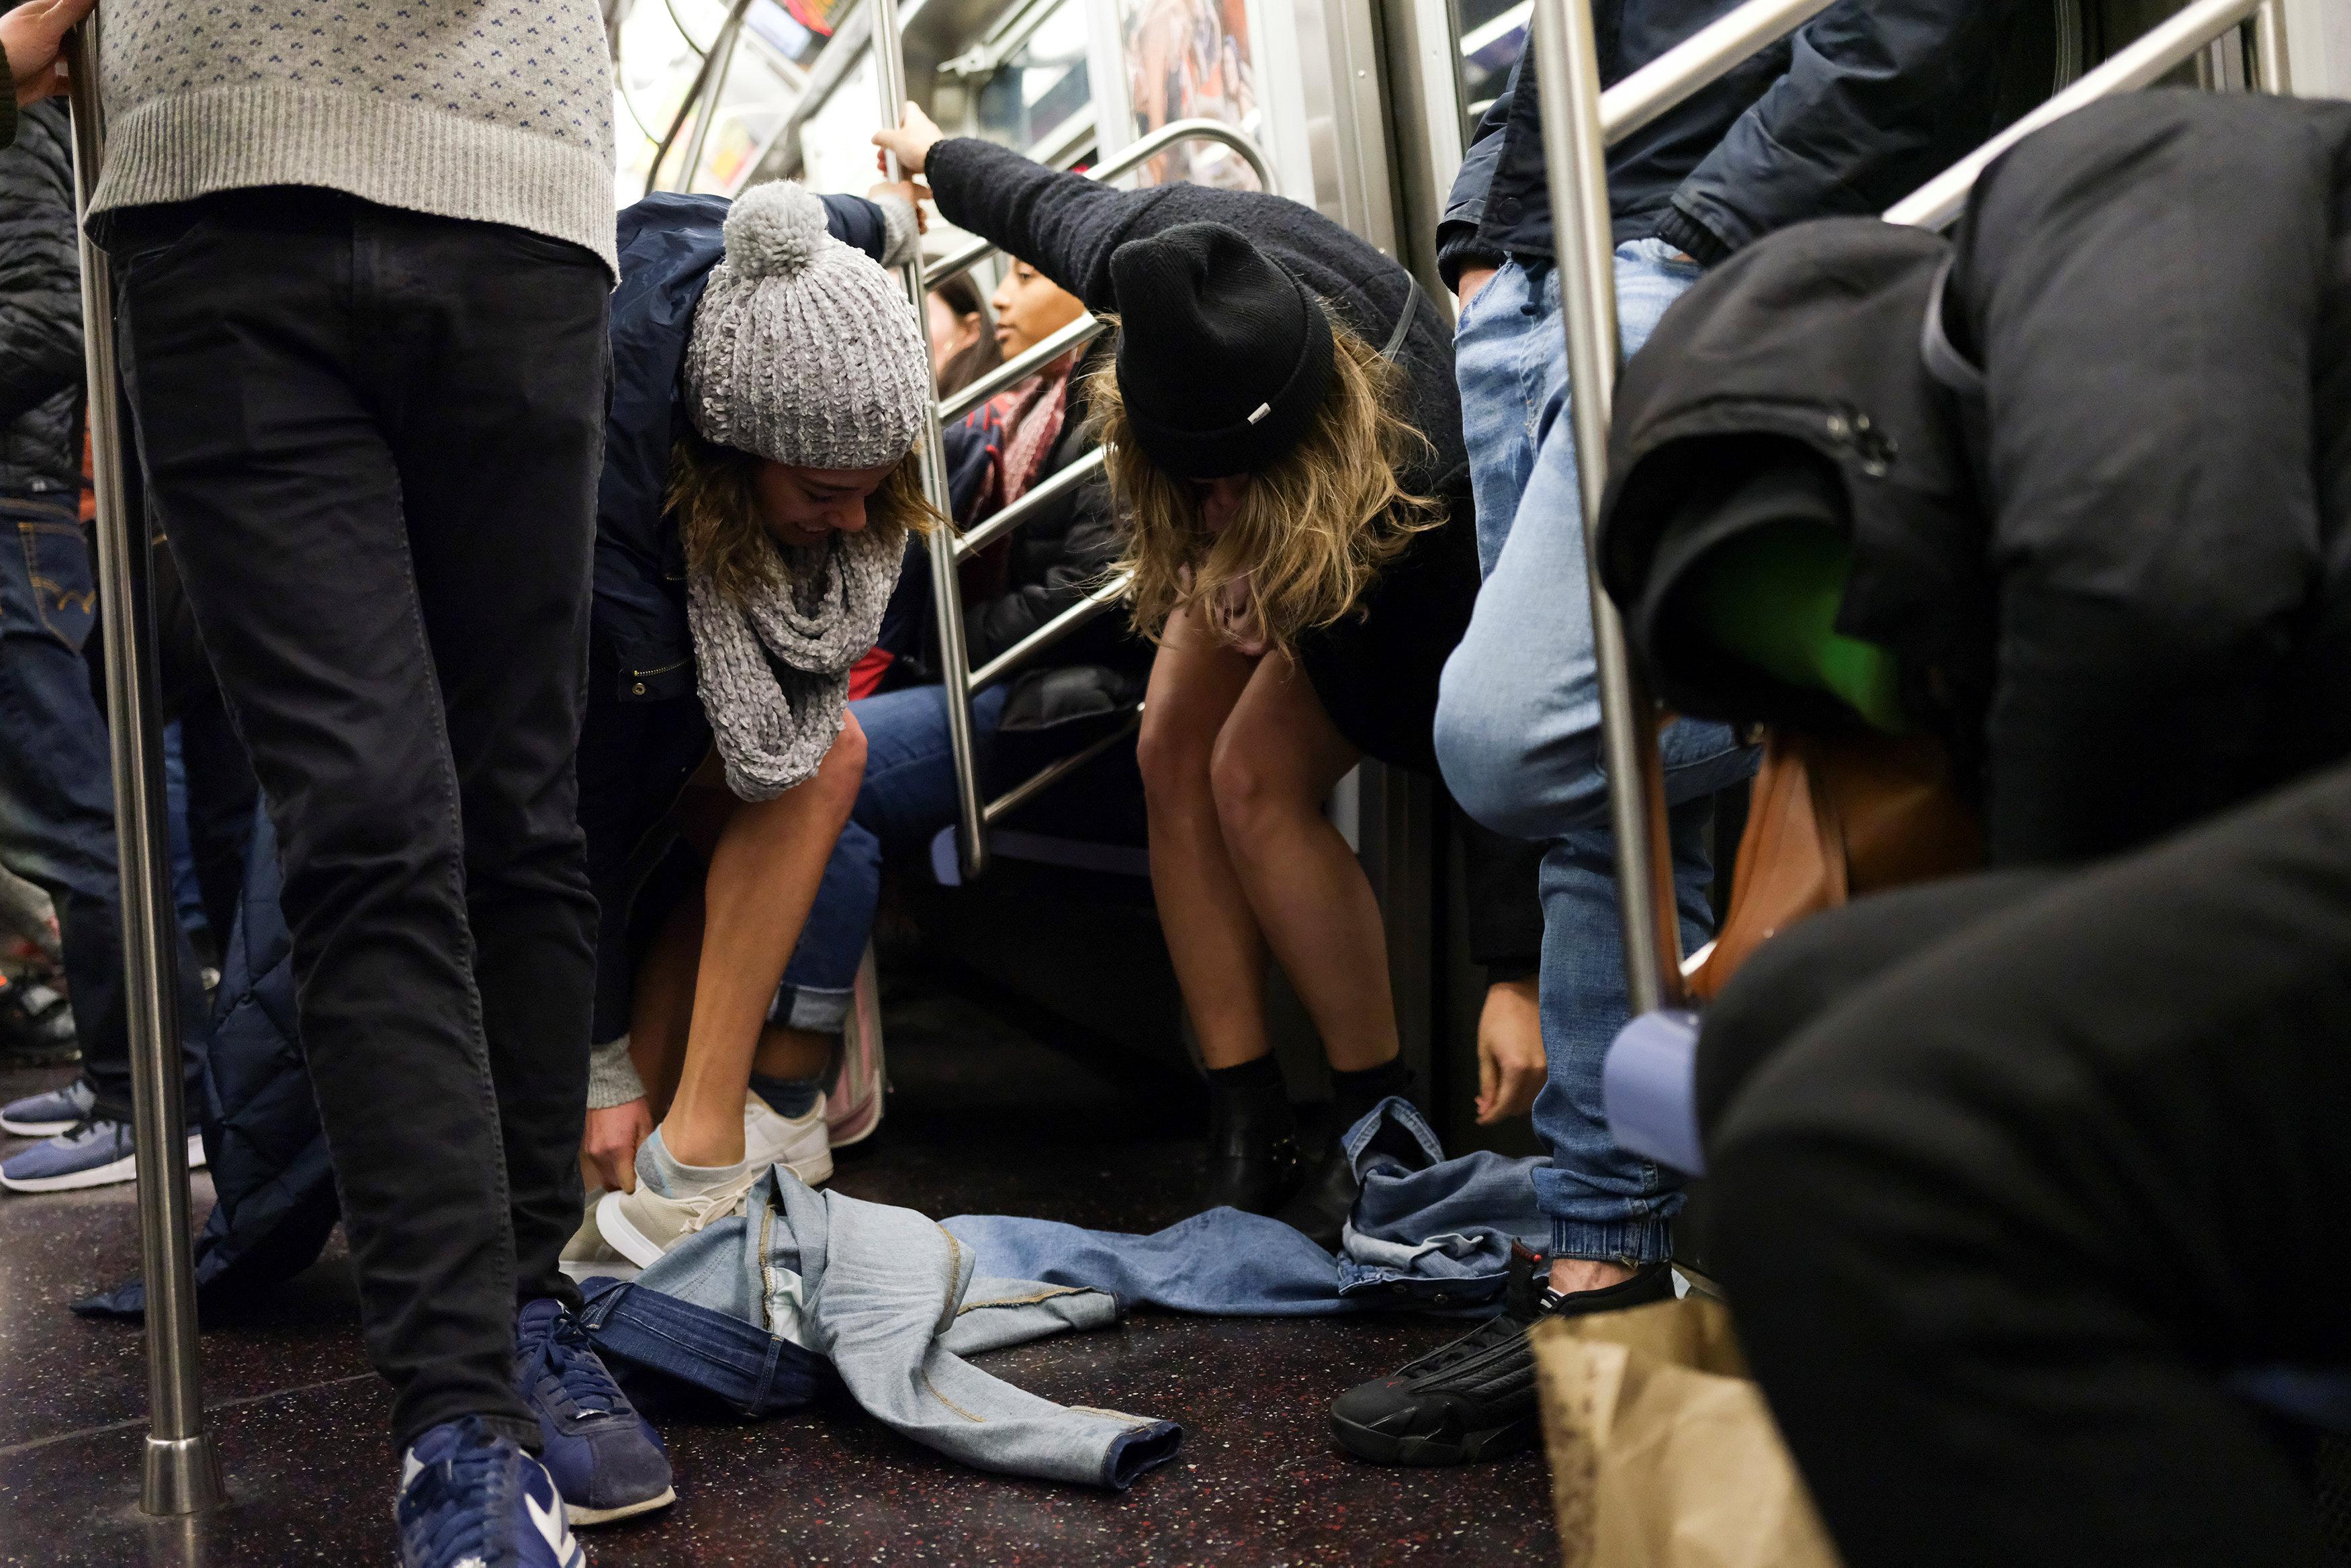 ركاب مترو نيويورك يحتفلون باليوم العالمى لخلع السروال رغم البرد (5)